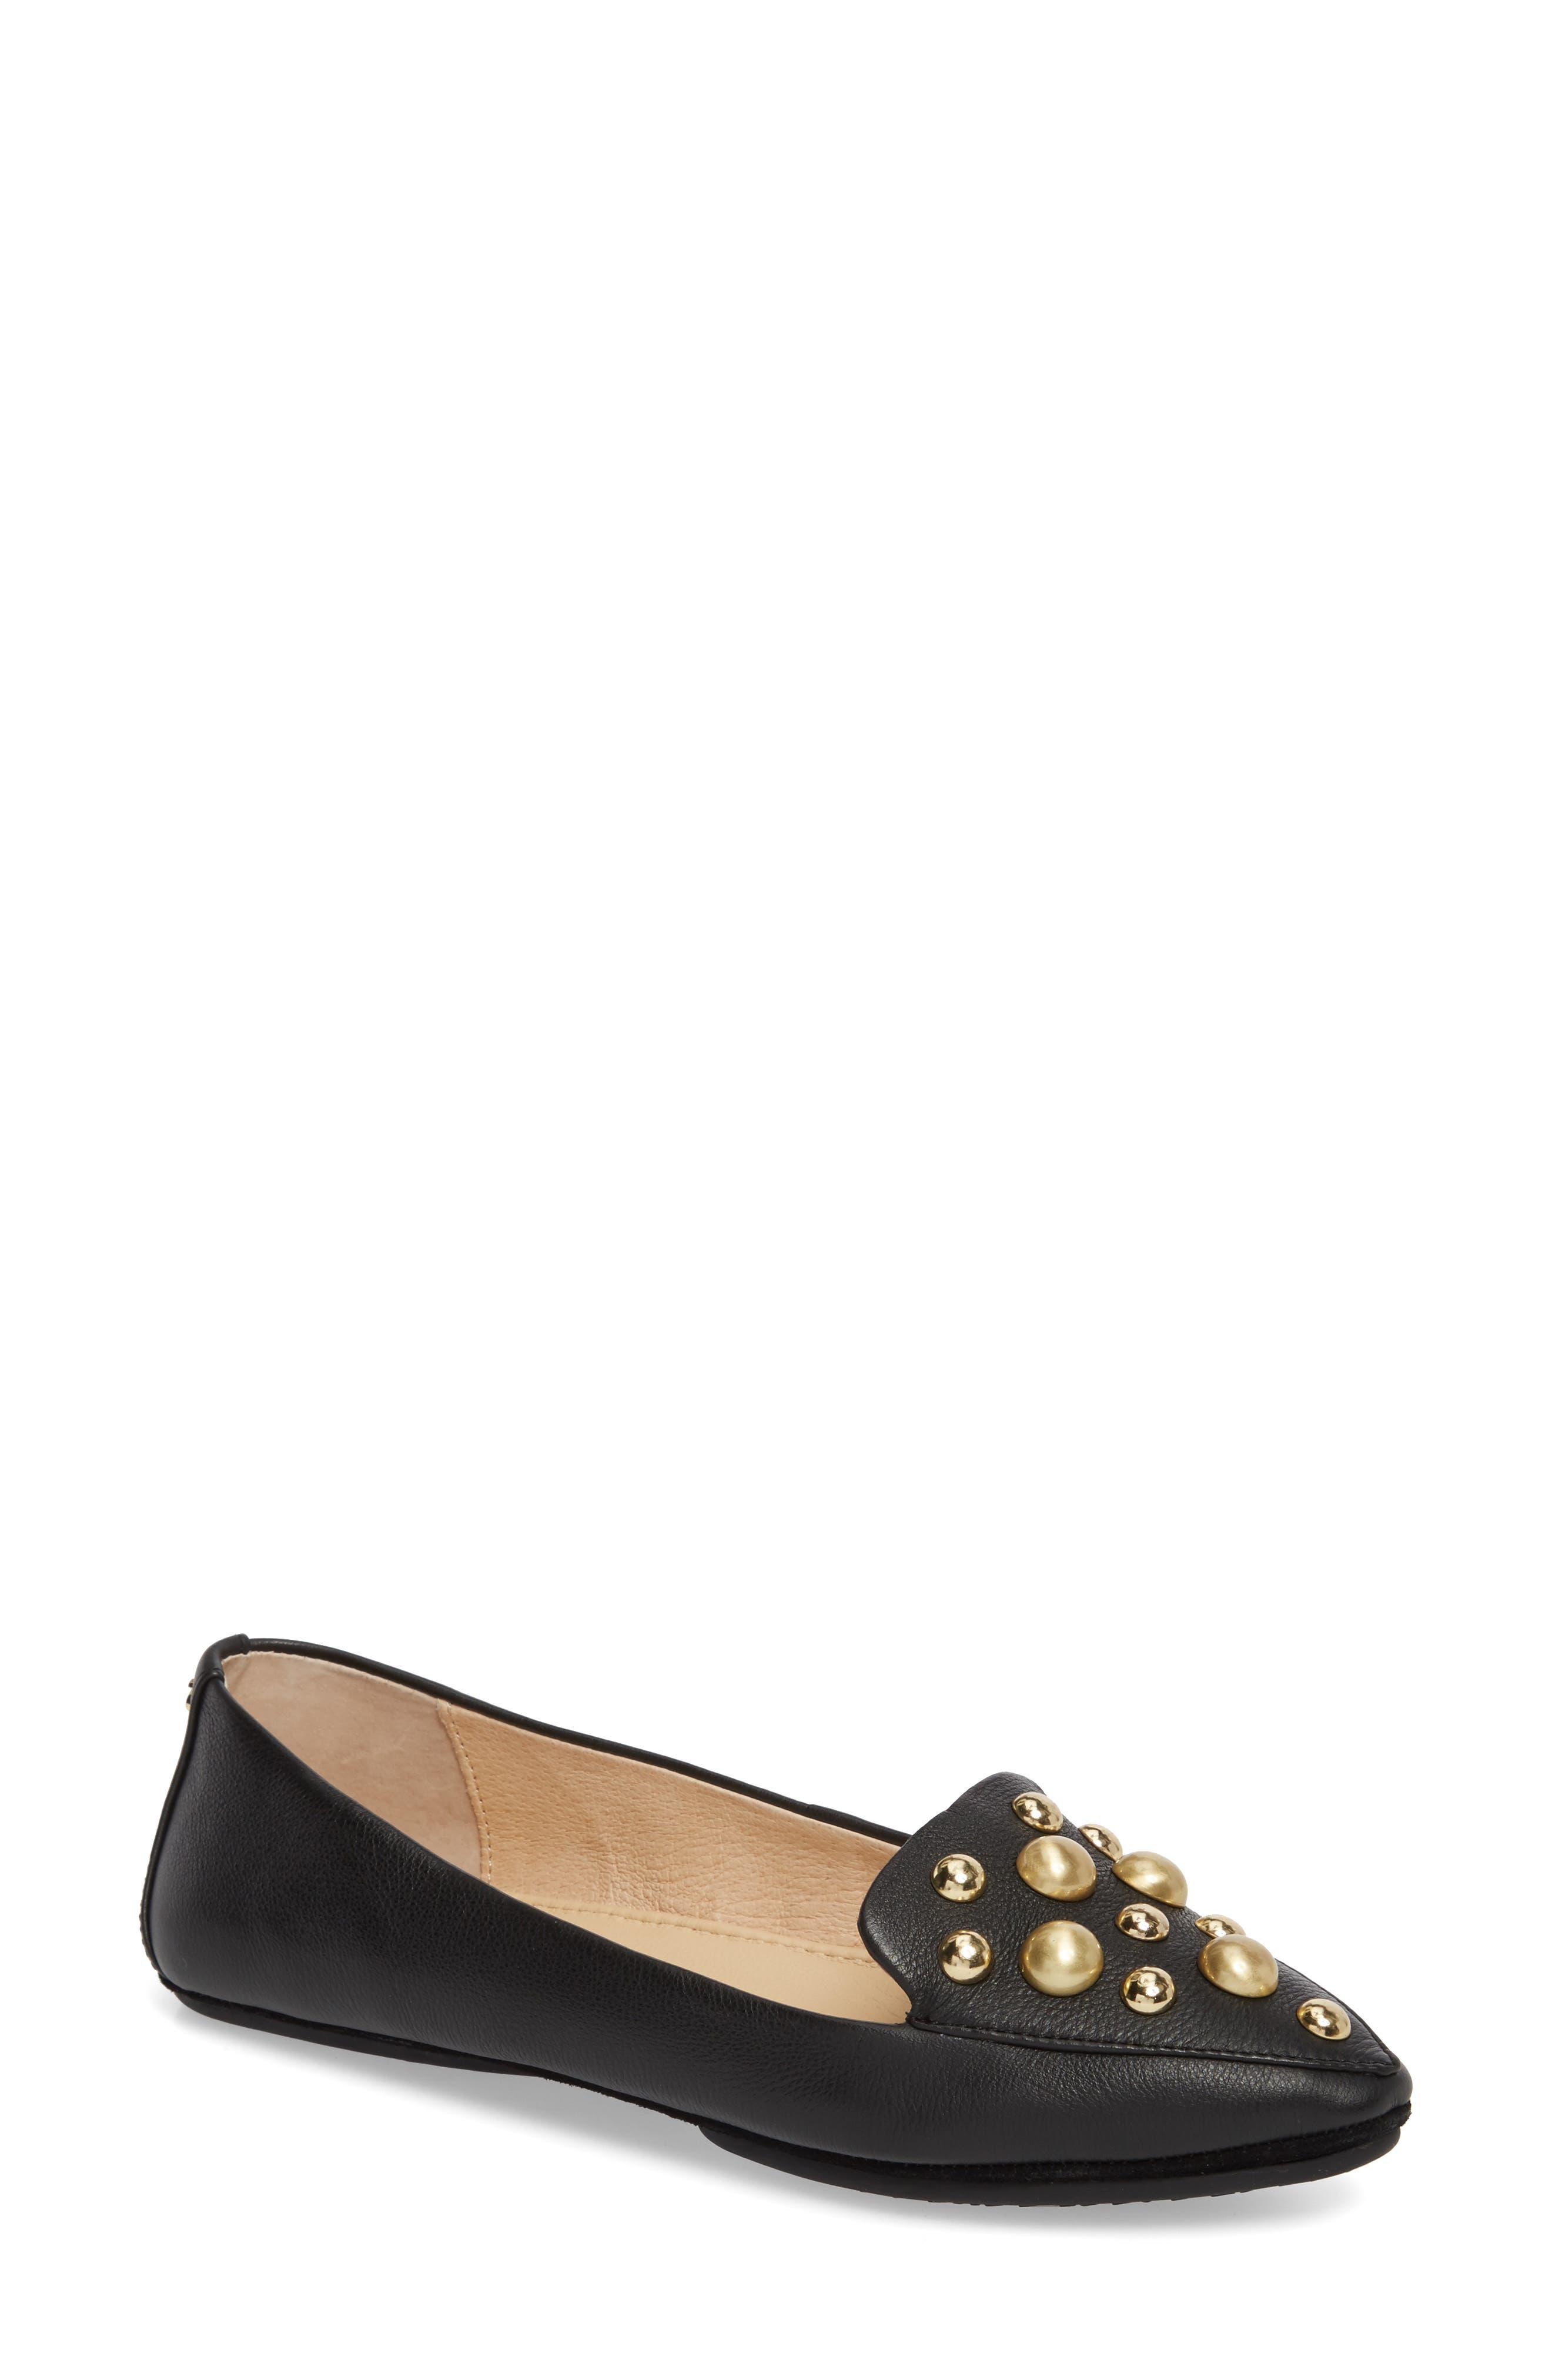 Vera Studded Loafer,                         Main,                         color, Black/ Black Leather